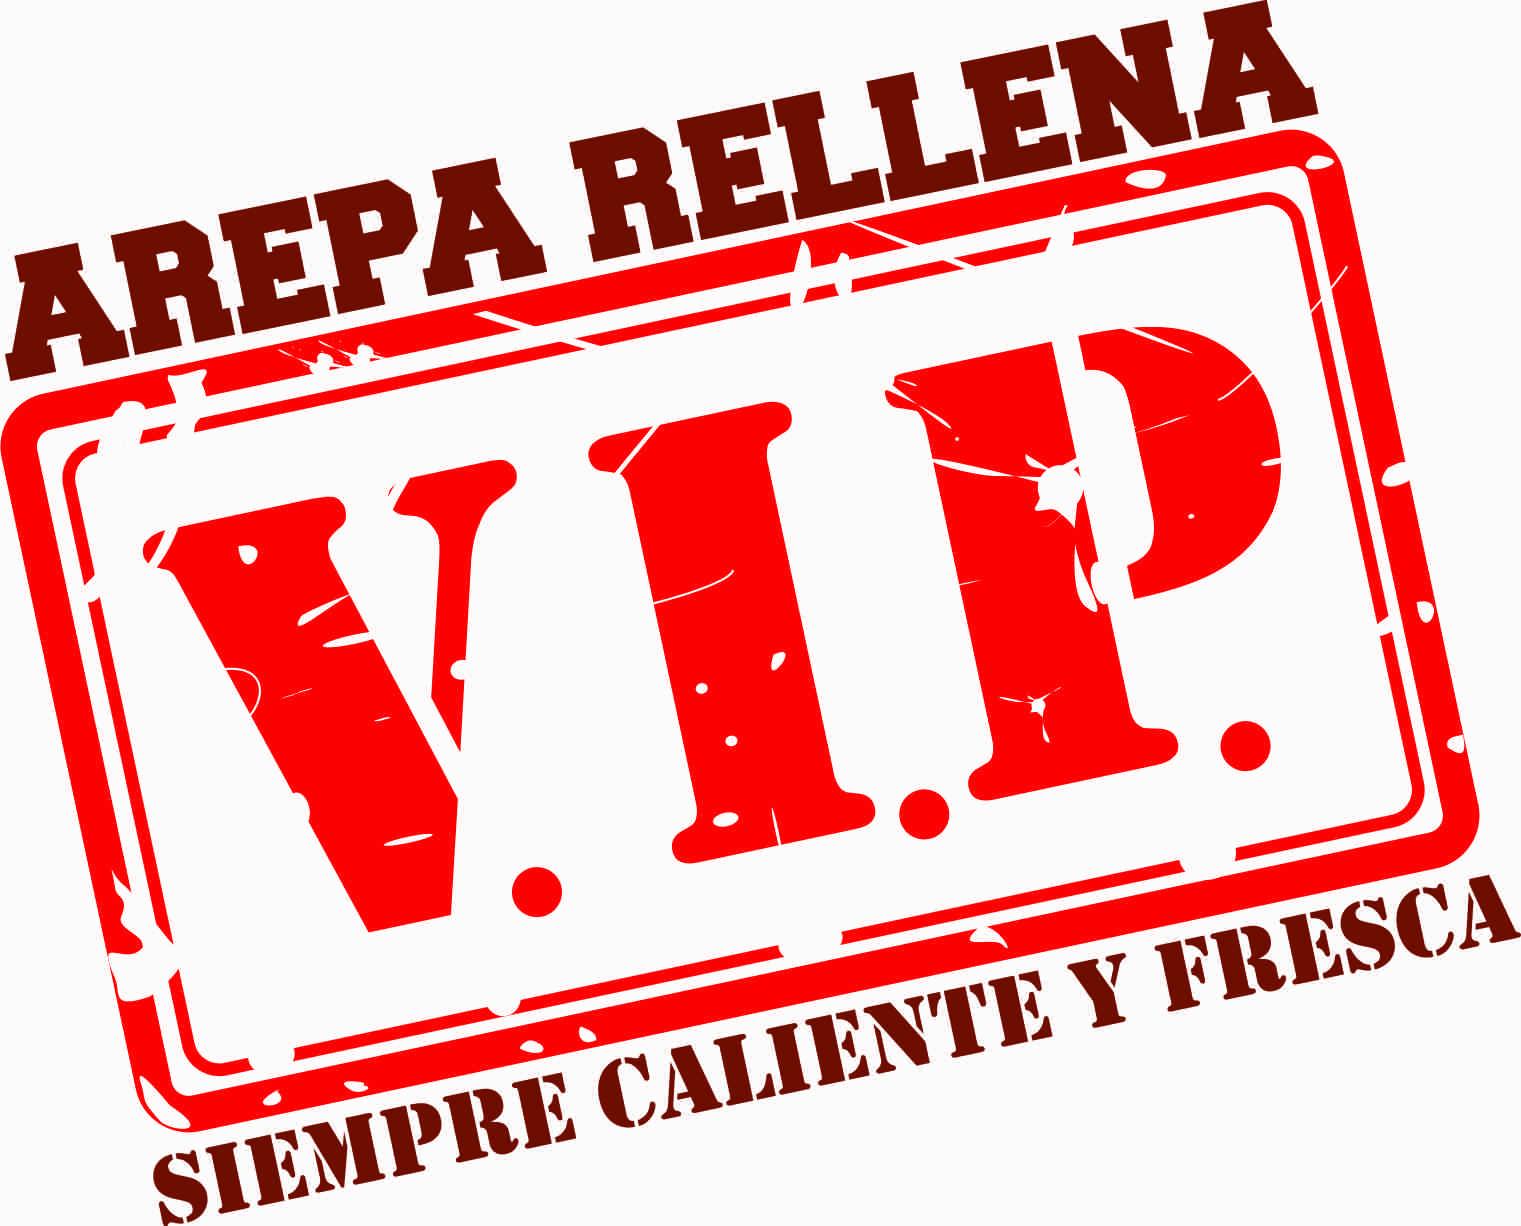 Arepas Rellenas VIP - Calle 53 MK